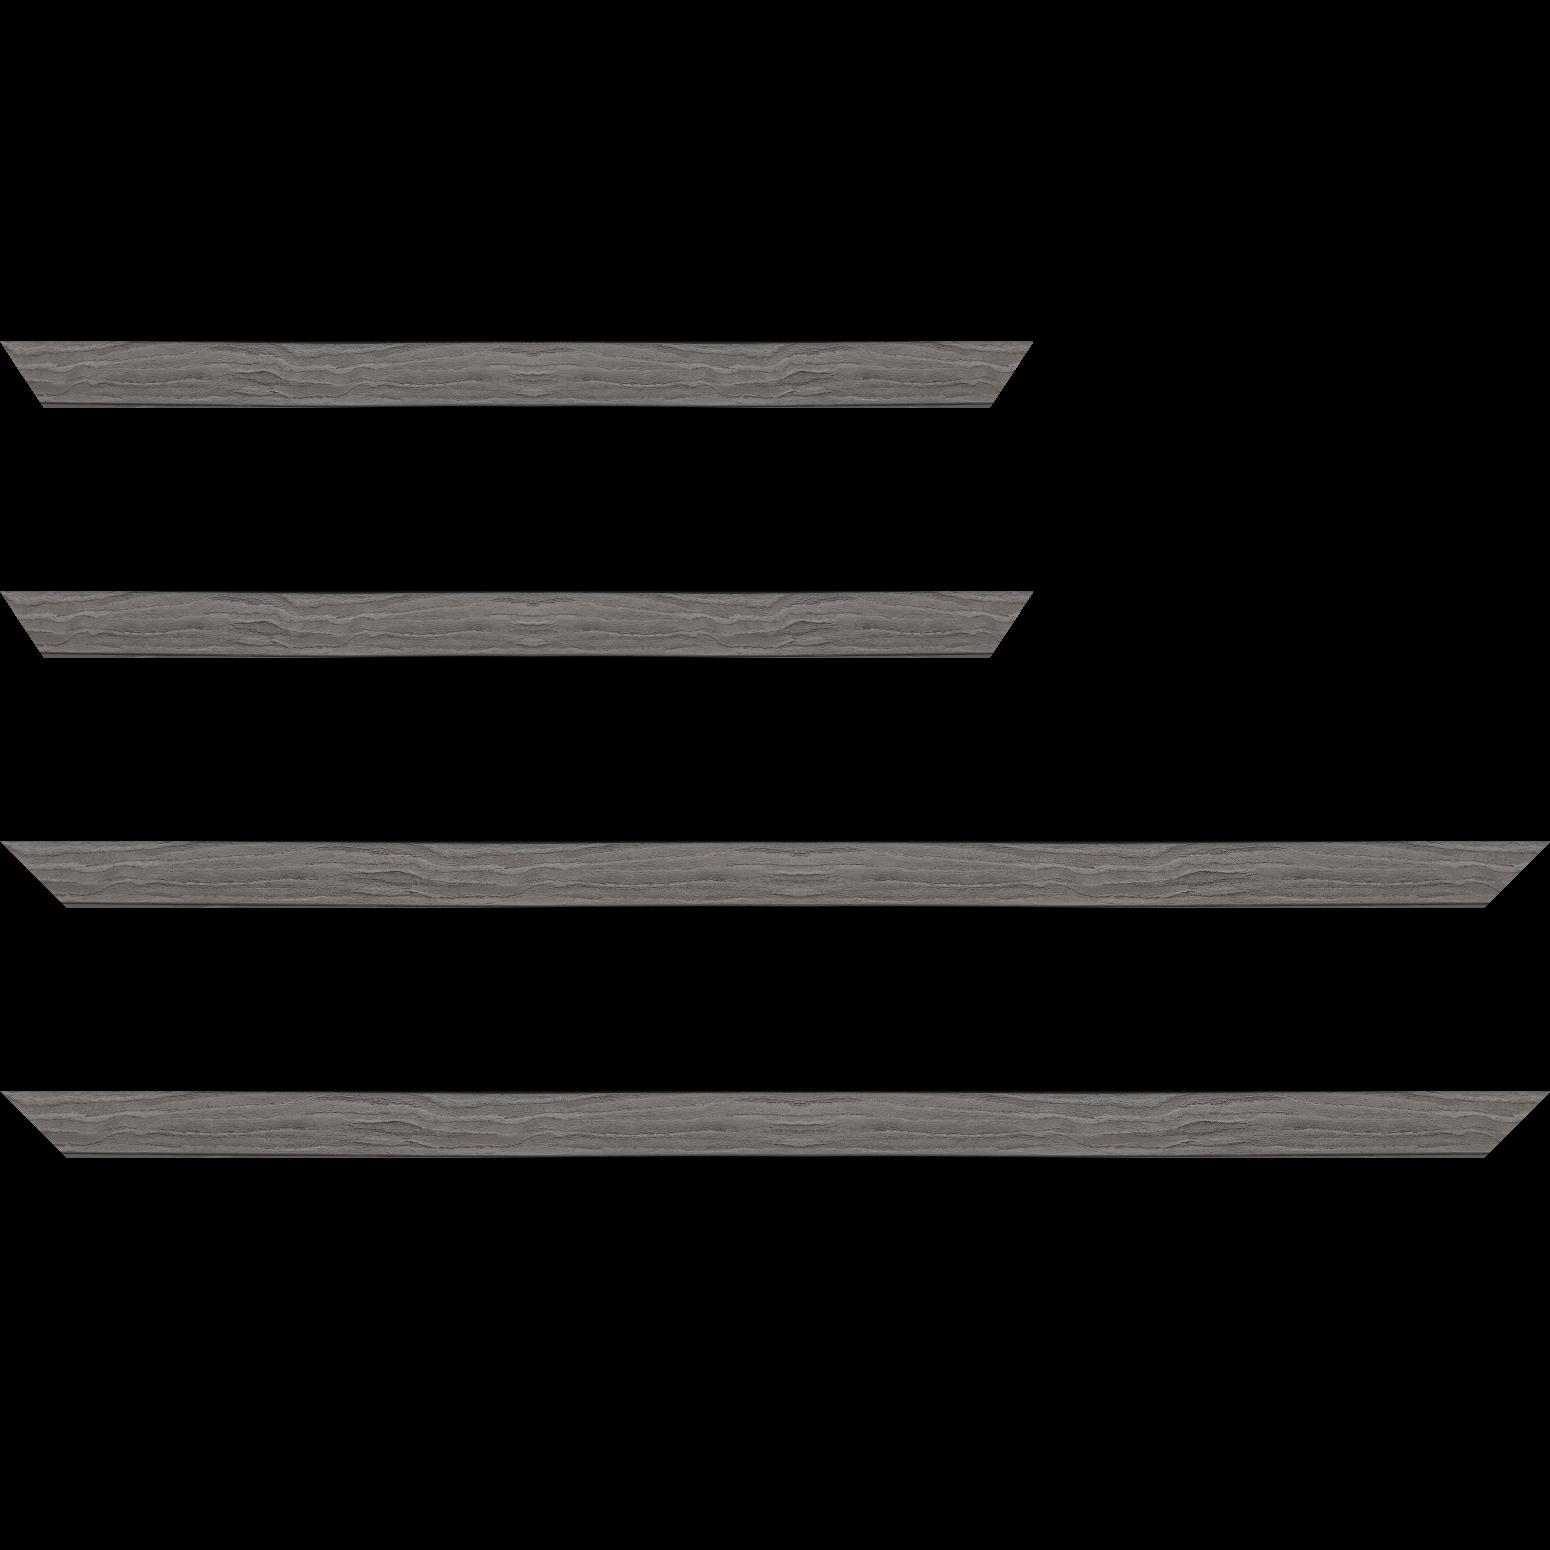 Baguette service précoupé Bois profil plat largeur 2cm décor bois gris